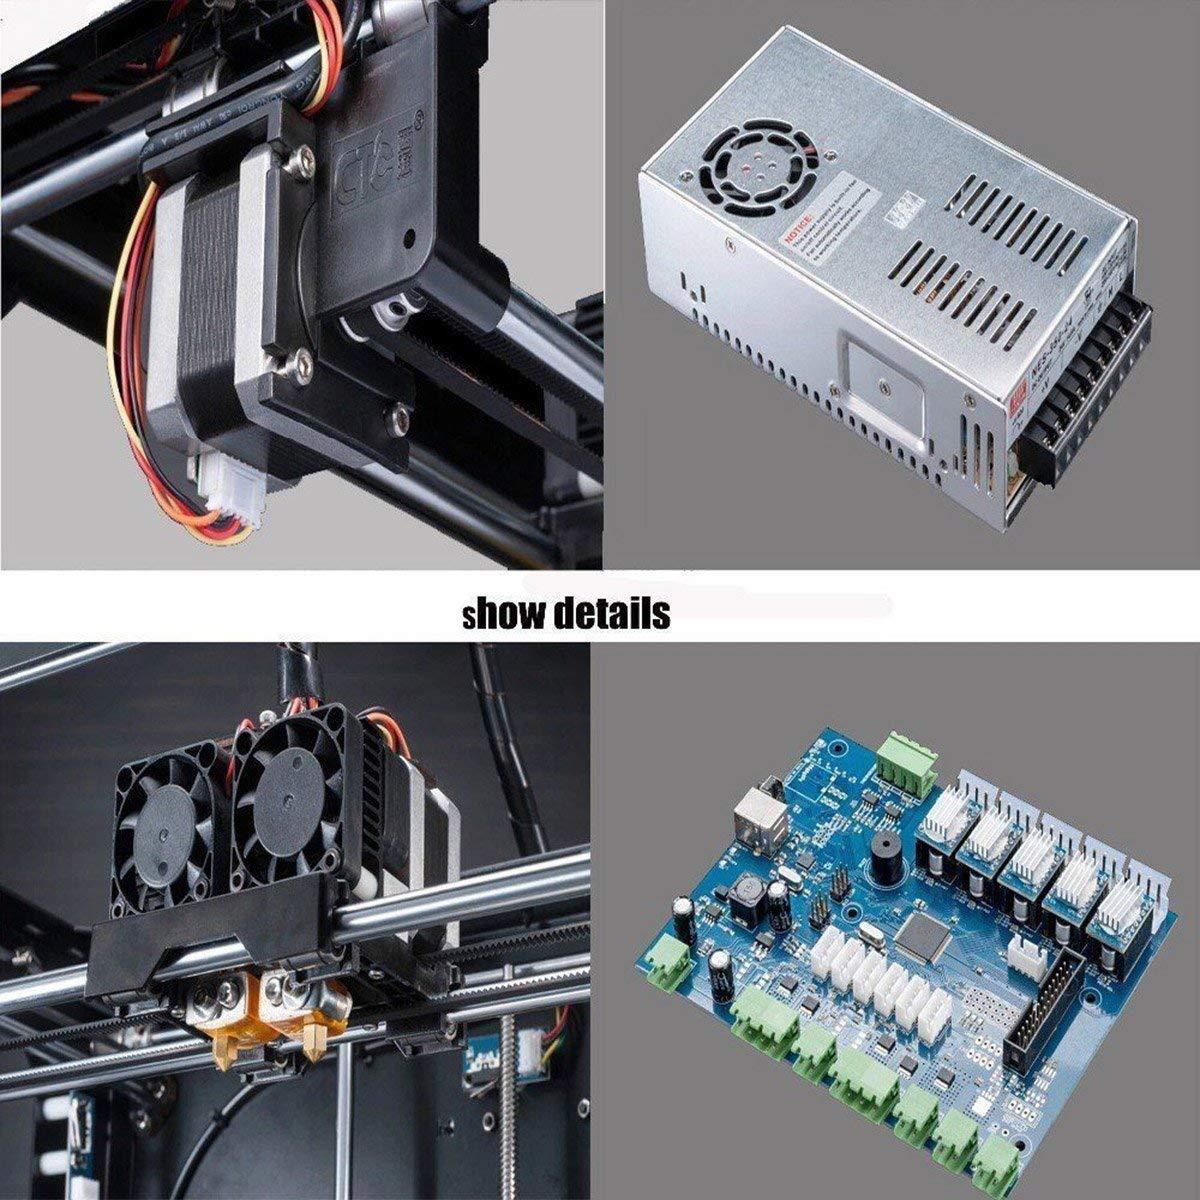 Bobine ABS//PLA 1,75 MM Imprimante 3D FDM,CTC de Bureau Plug and Play Double extrudeuse MK8 optimis/ée assembl/ée Taille du b/âtiment 225 /× 145 /× 150 mm Construction de Haute pr/écision